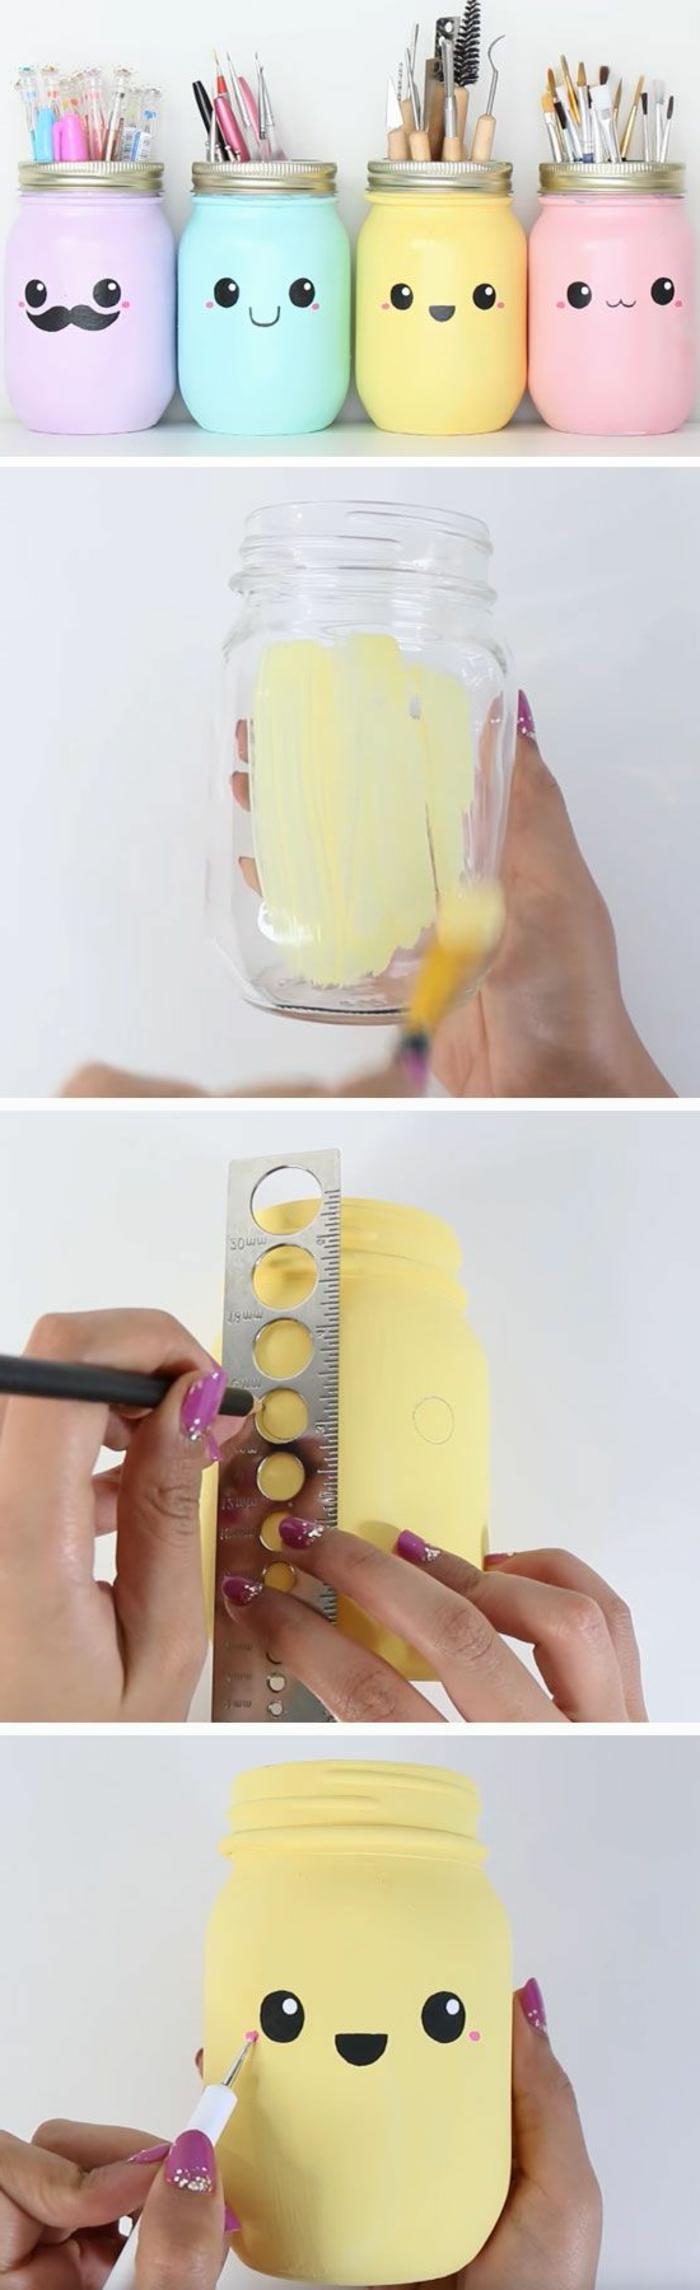 idée comment fabriquer un pot a crayon diy à partir de bocal en verre, repeint et décoré dessin bonhomme, idée de génie bricolage, activite manuelle